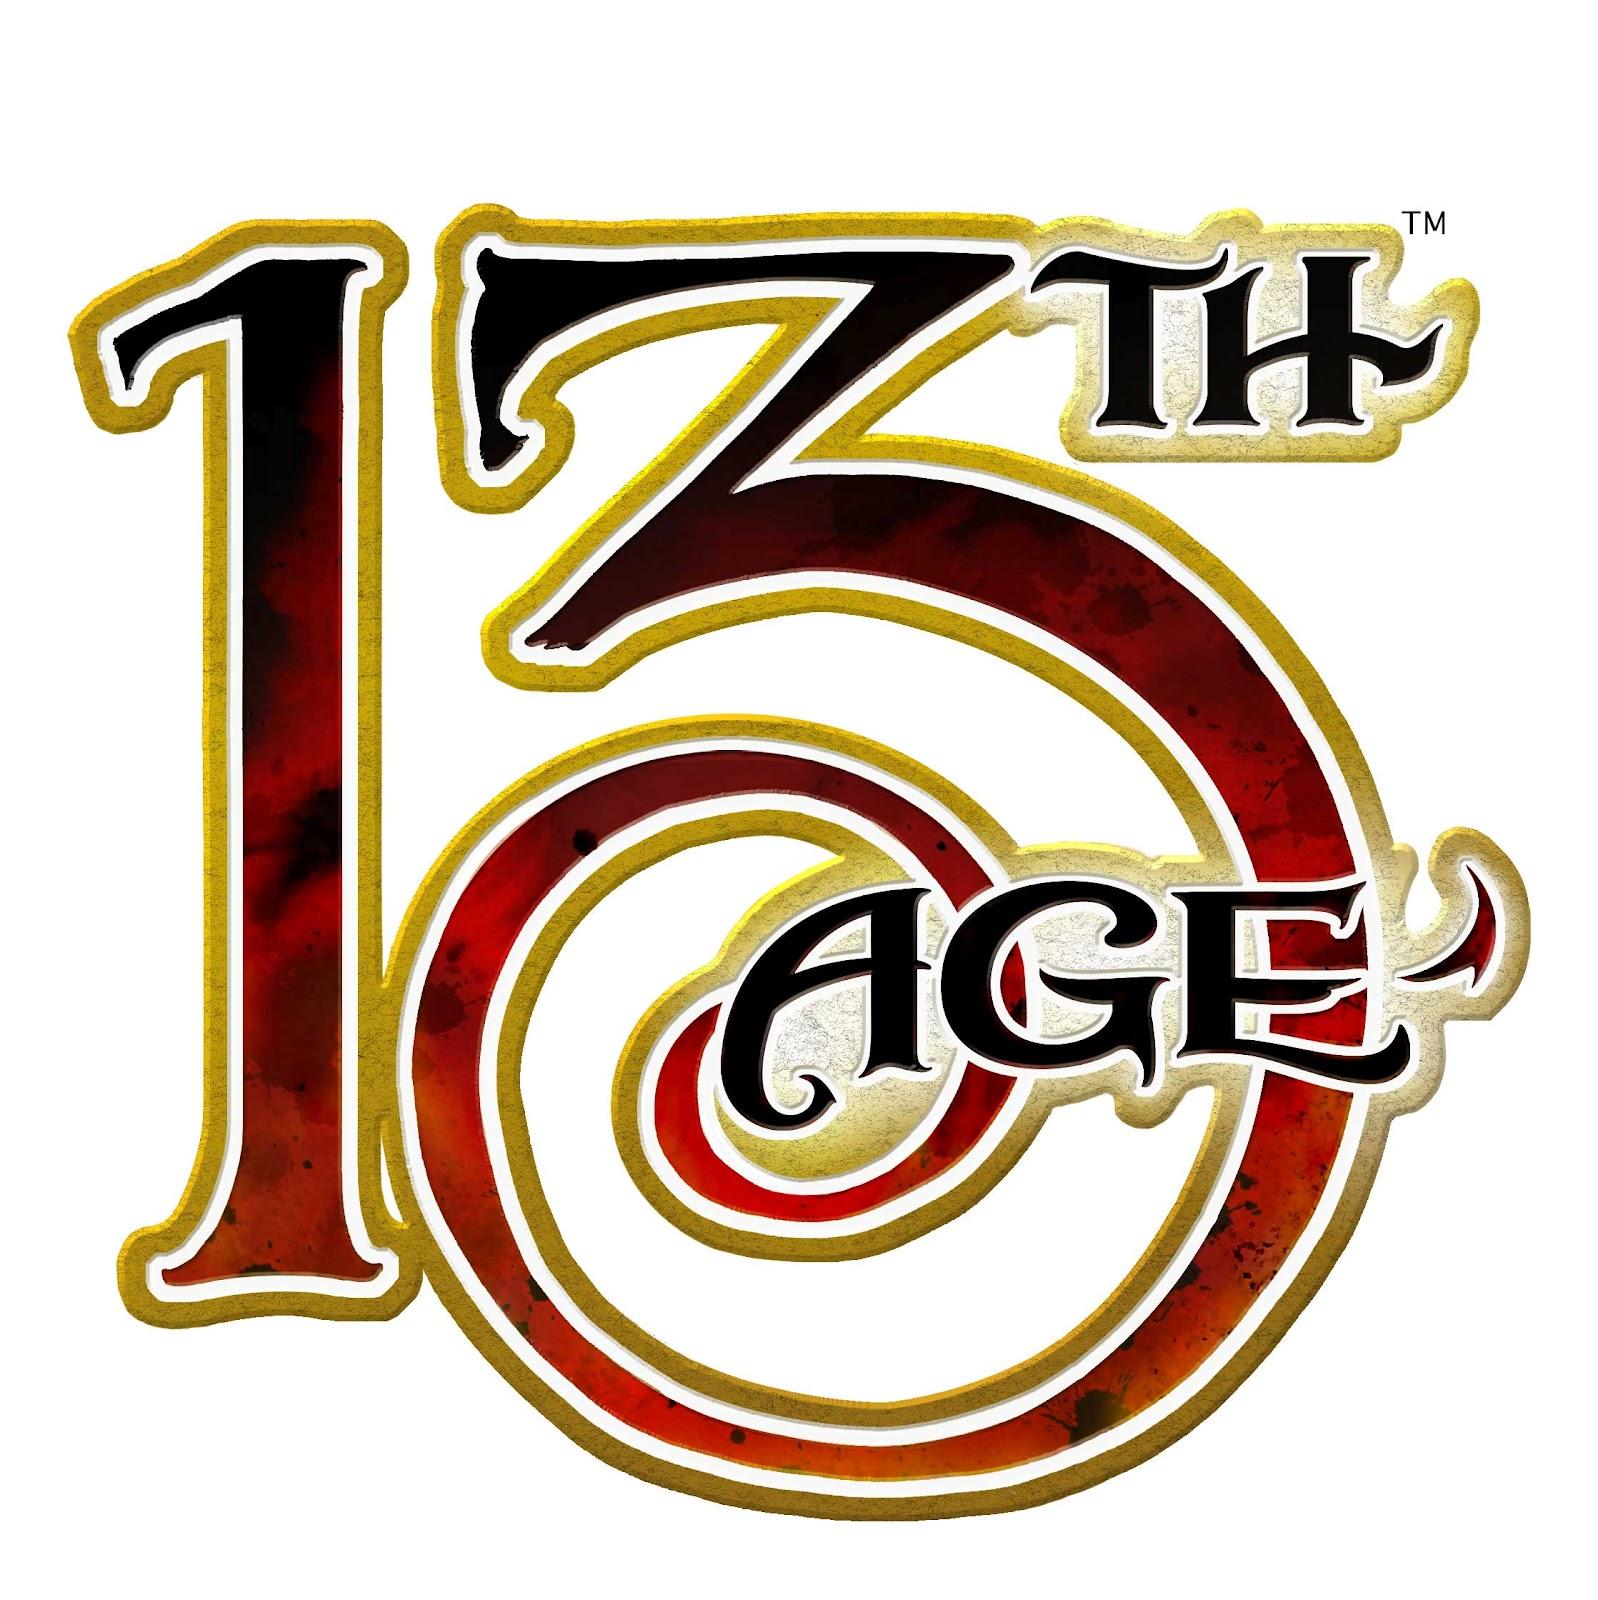 13 age logo full